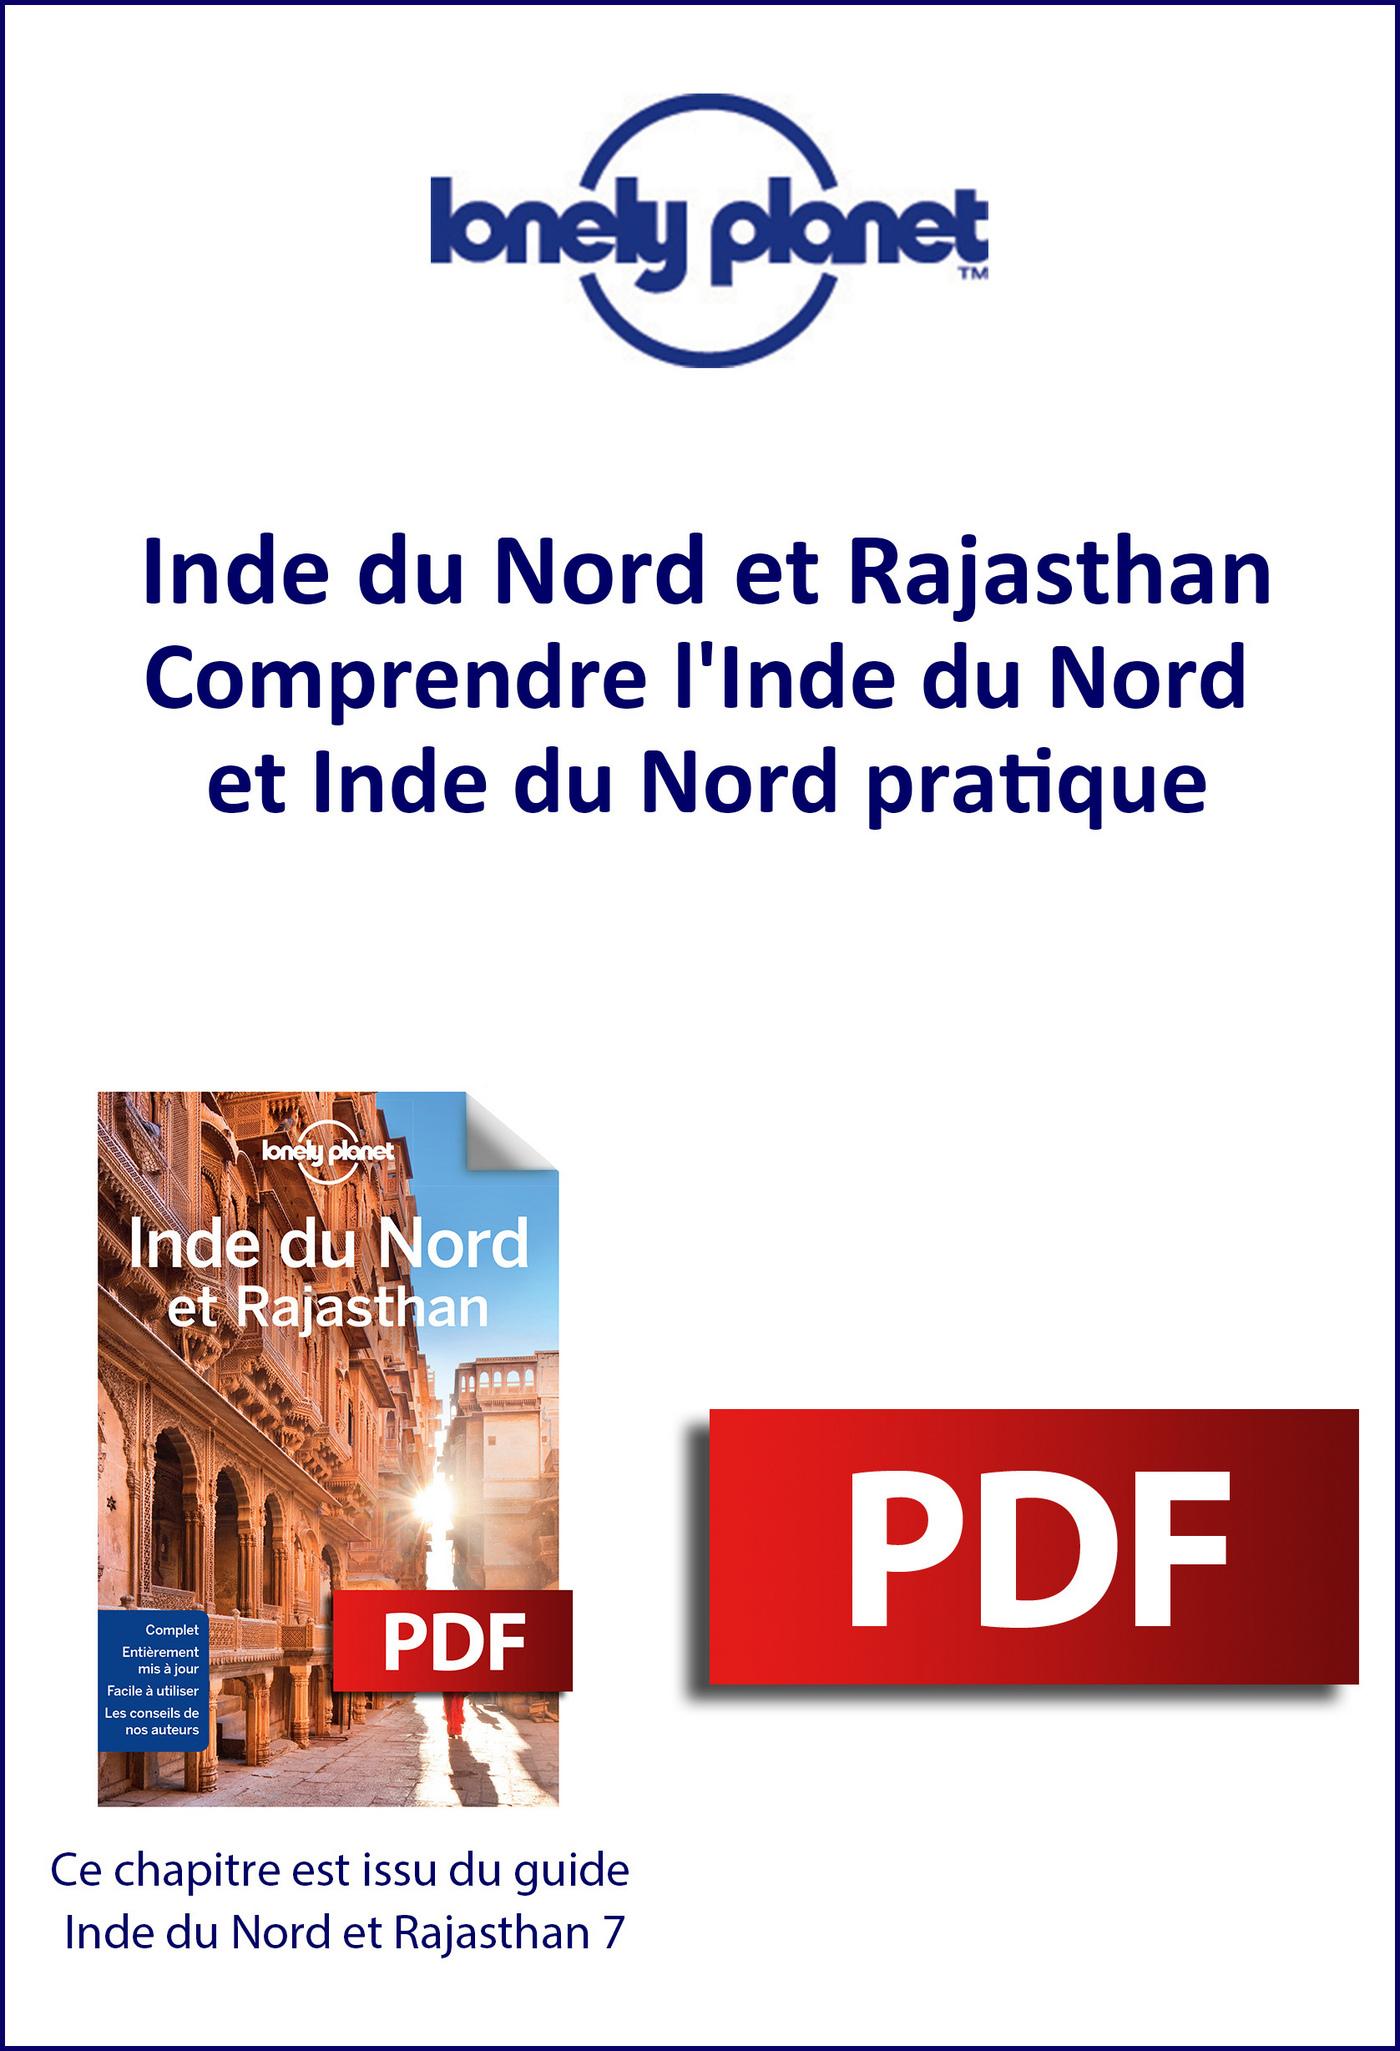 Inde du Nord - Comprendre l'Inde du Nord et Inde du Nord pratique